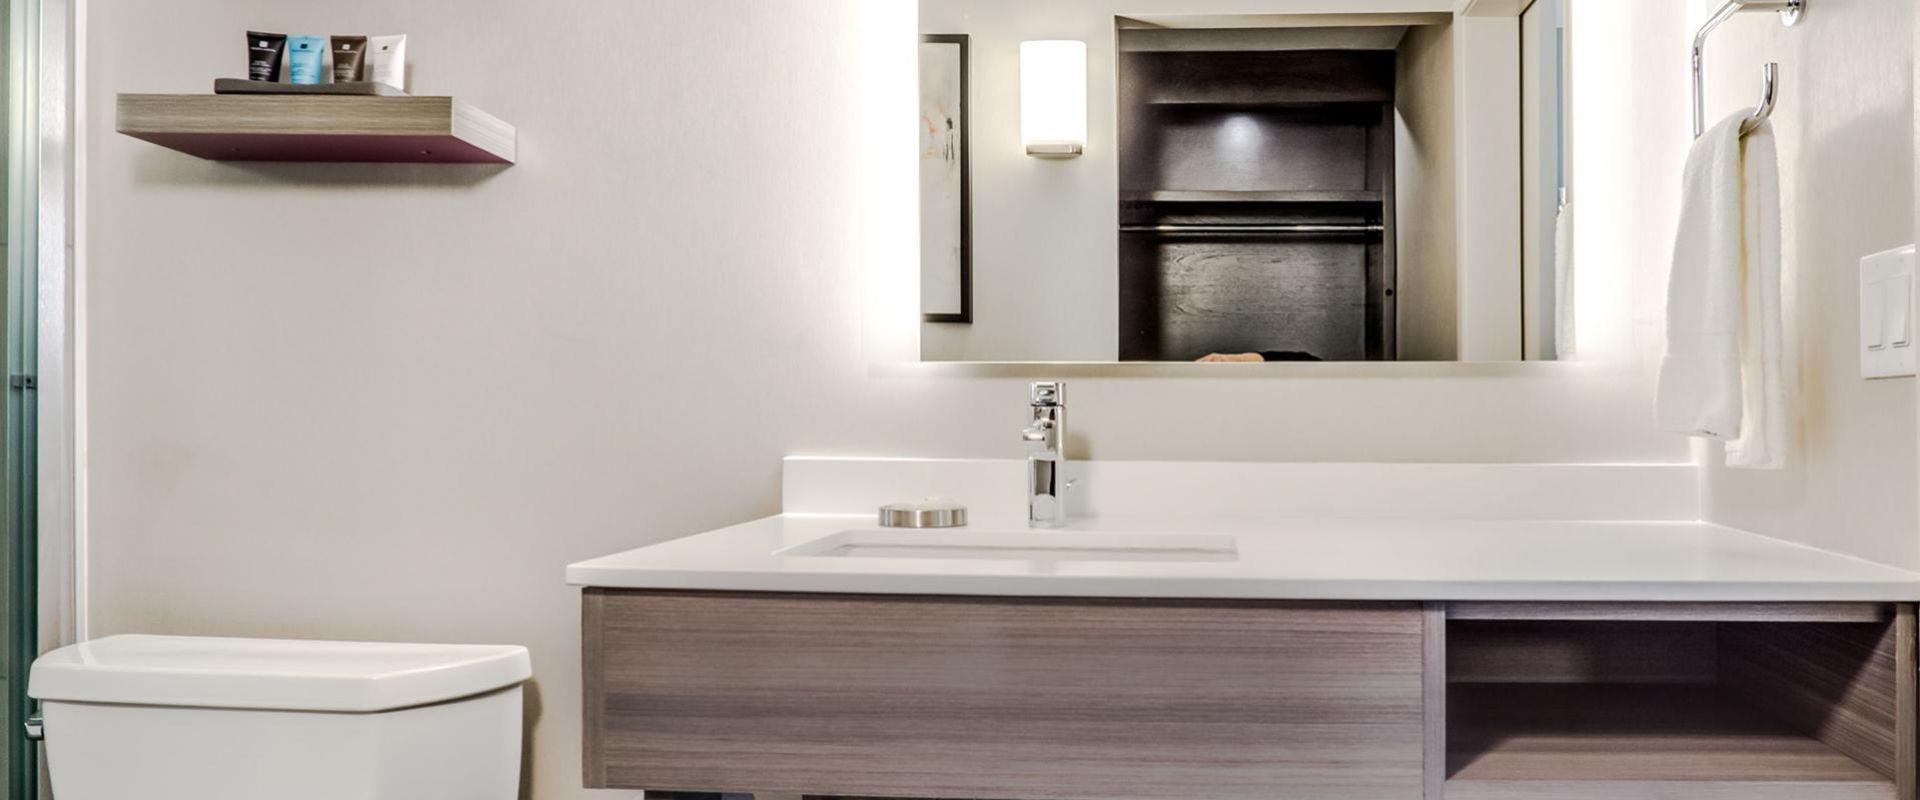 Denver Bathroom Interior